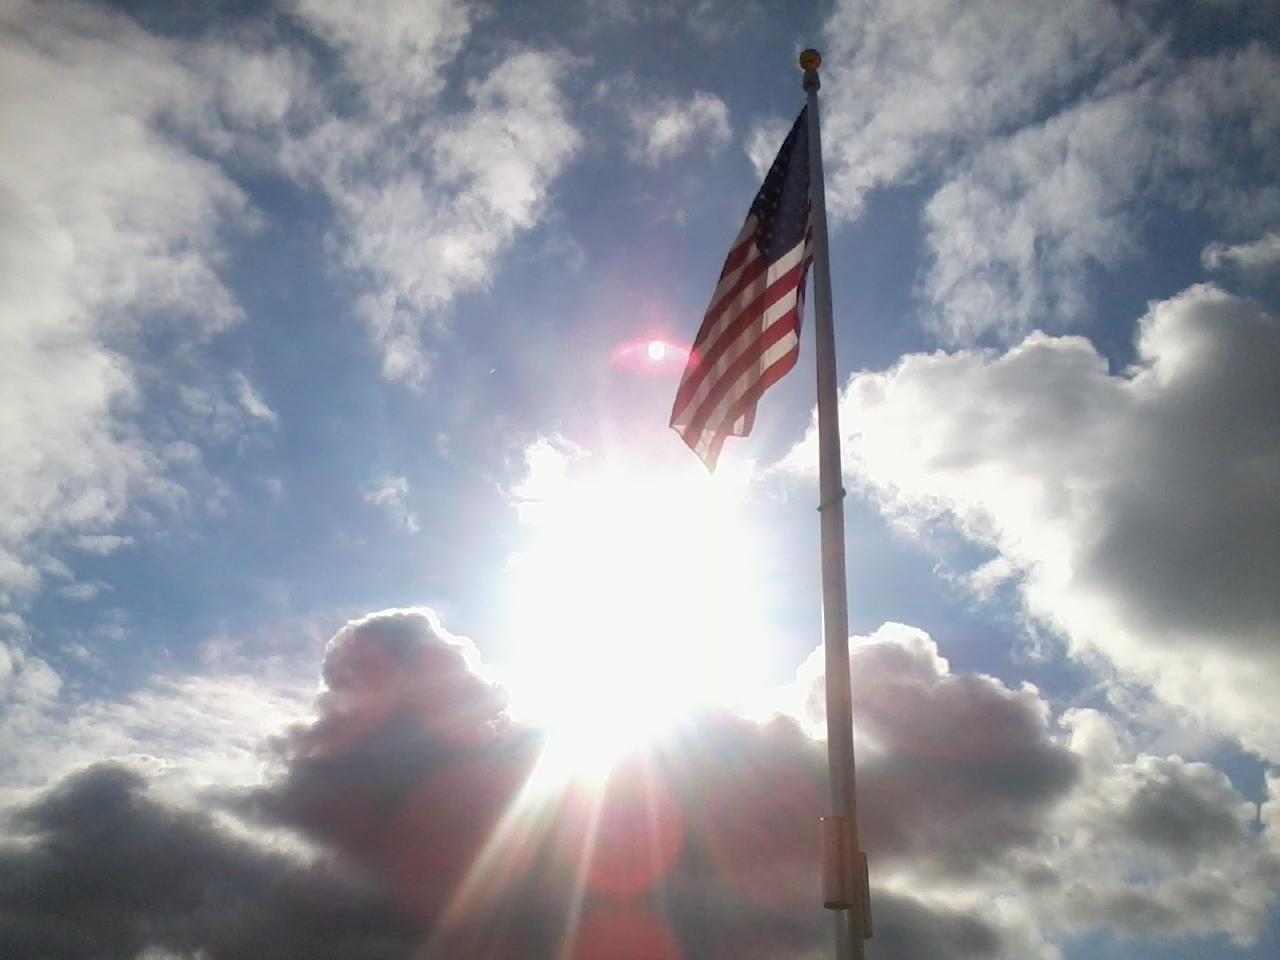 http://2.bp.blogspot.com/-nb4M5iYo5tE/T_RCYgfJTfI/AAAAAAAAJ34/8p4gPDauv2Y/s1600/Flag_and_sun_thorugh_clouds.jpeg